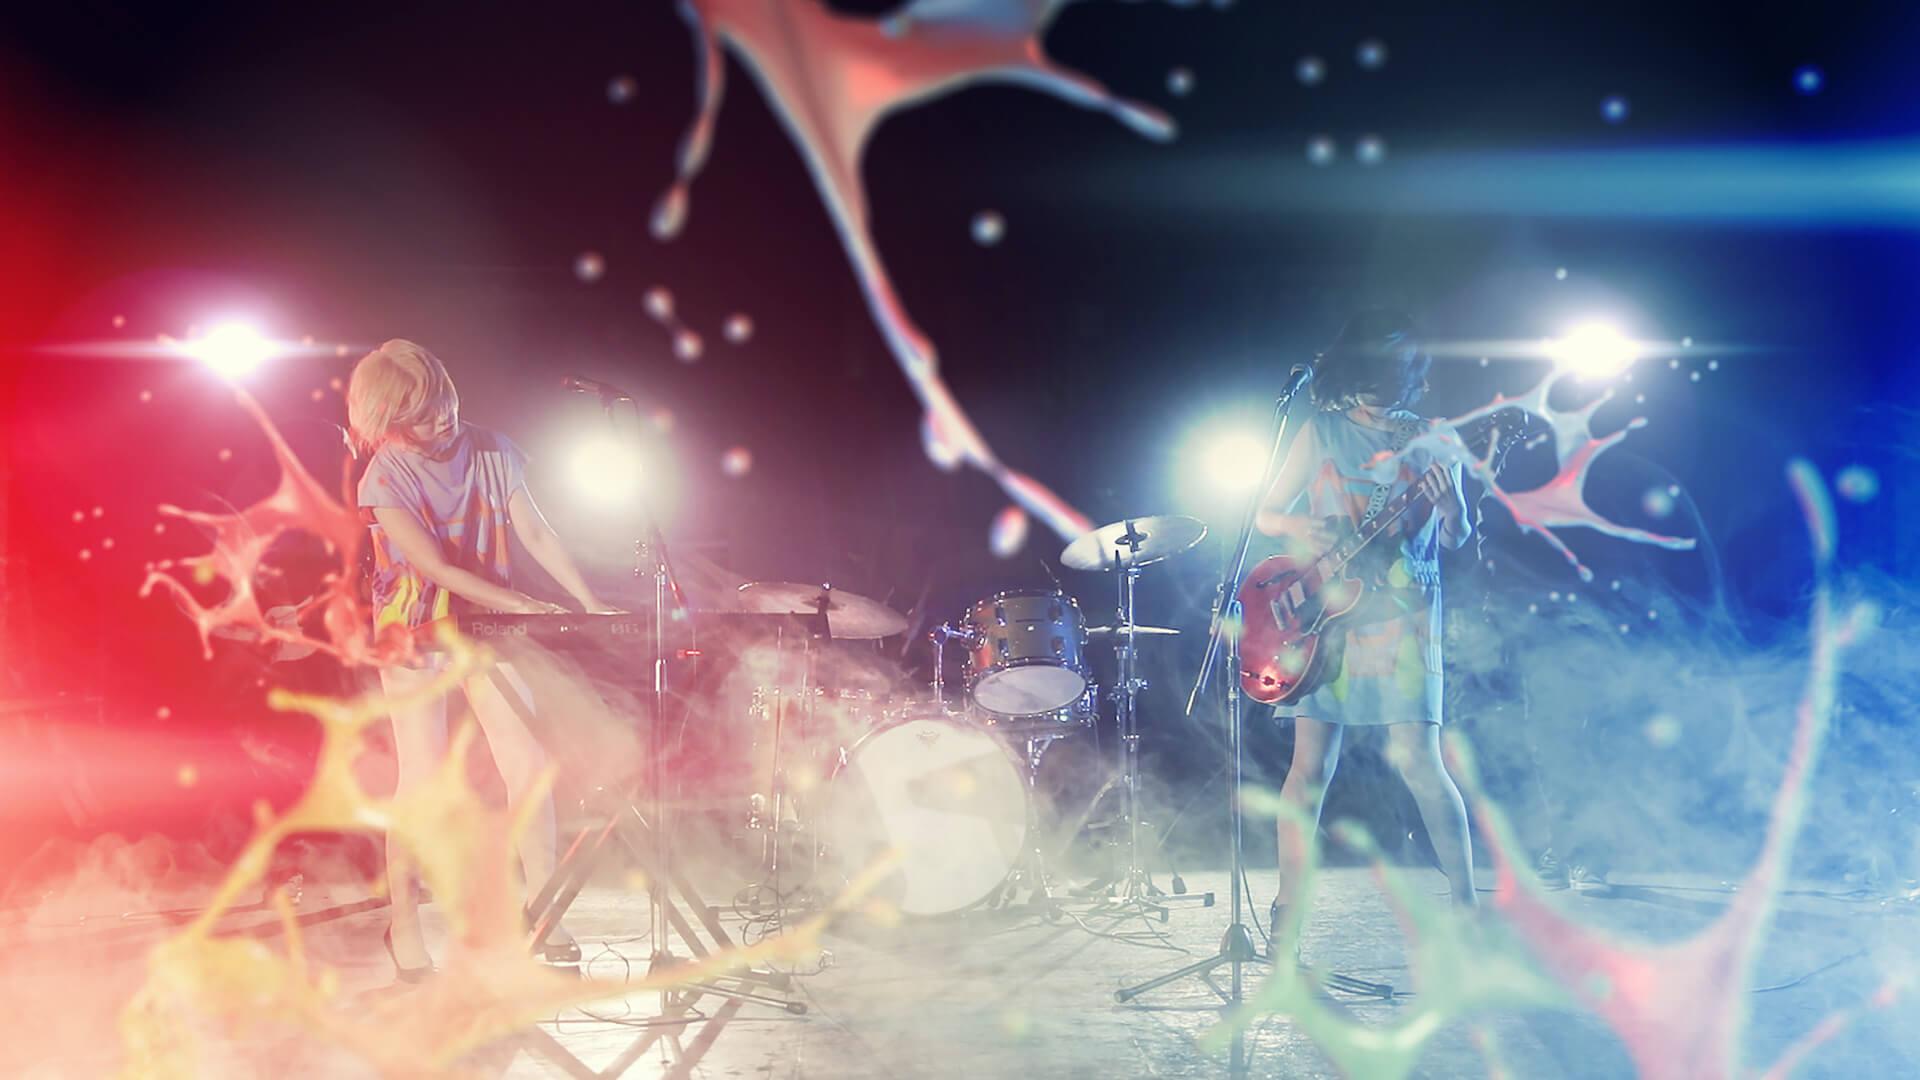 アーティストの視点から観るNetflixの映画・ドラマ・ドキュメンタリー|Vol.22 MIU(印象派)『愛なき森で叫べ』 ac200624_netflix_inshow_ha_01